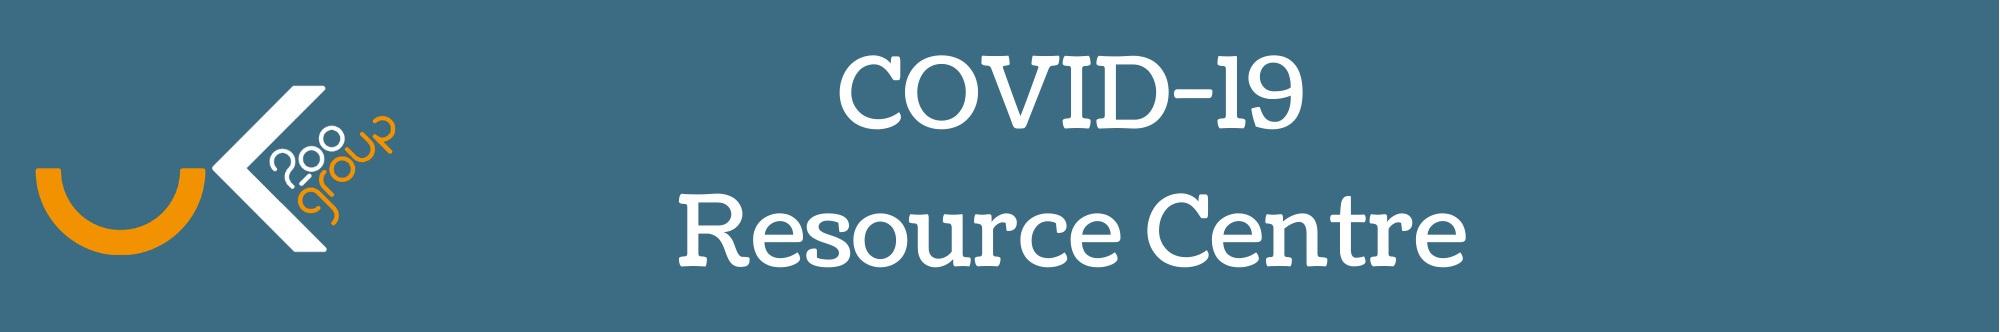 COVID 19 Resources Centre